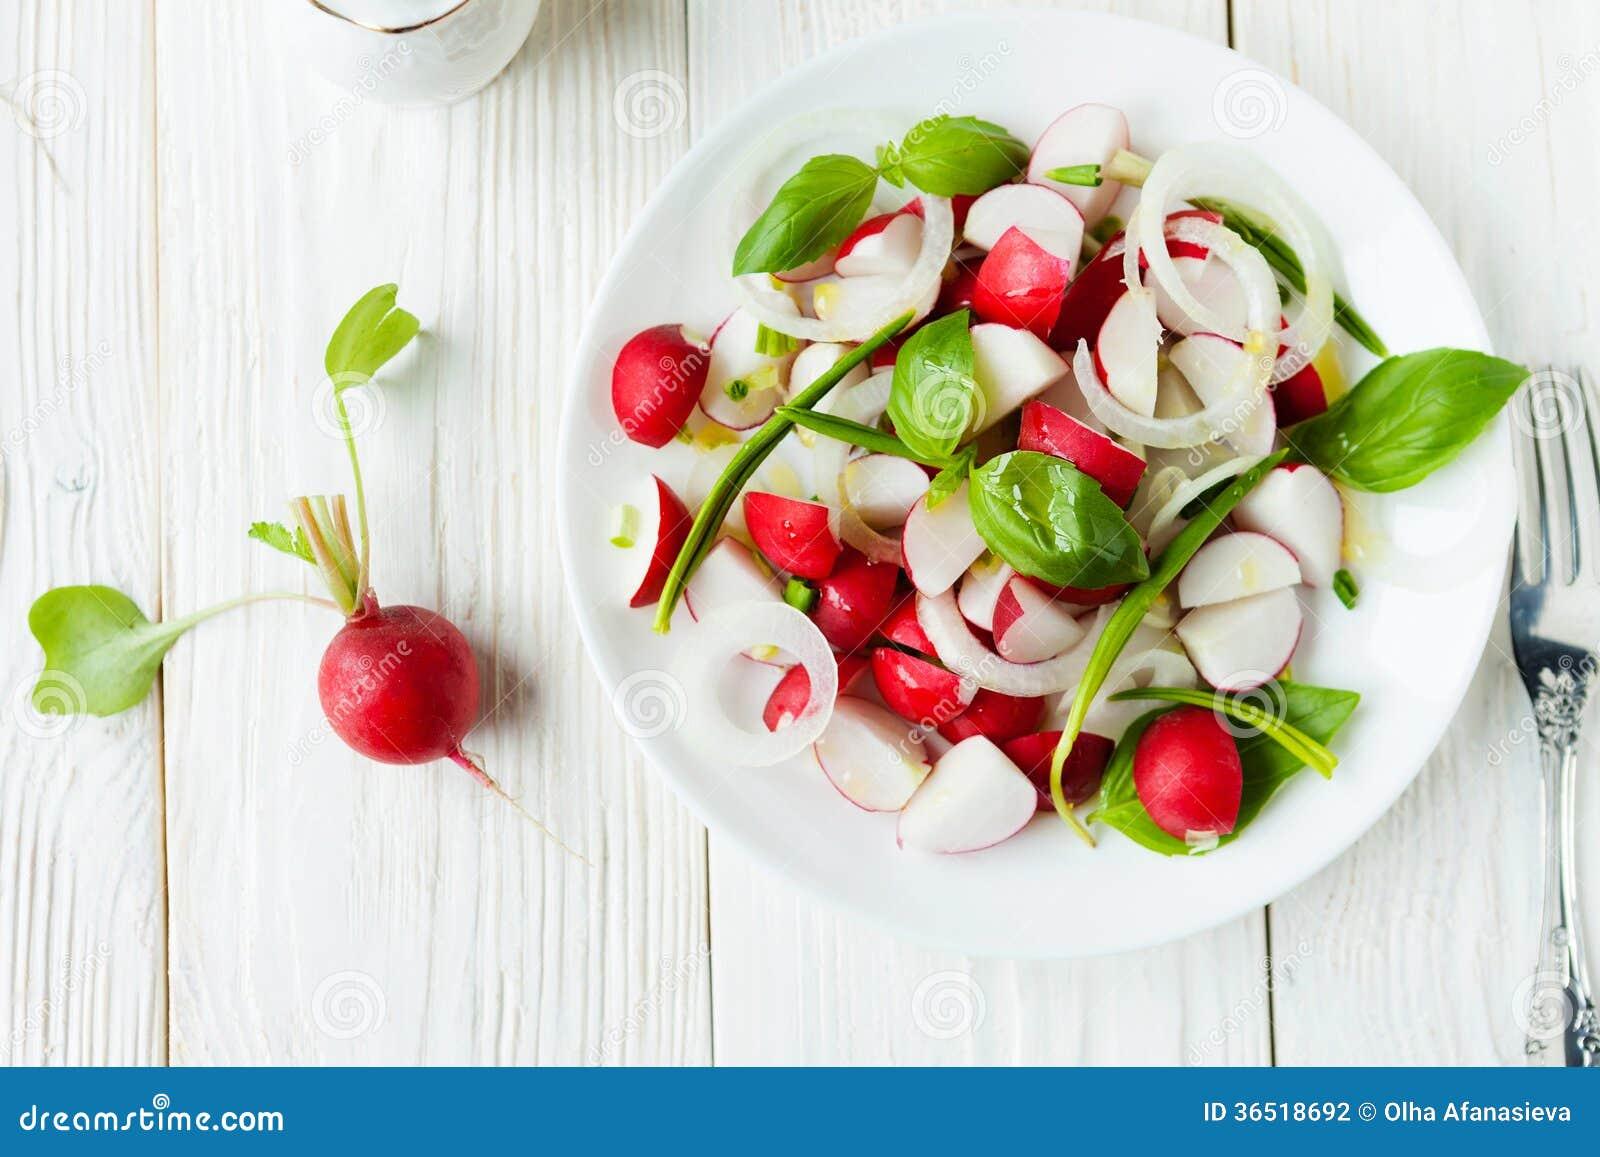 Radis frais dans une salade